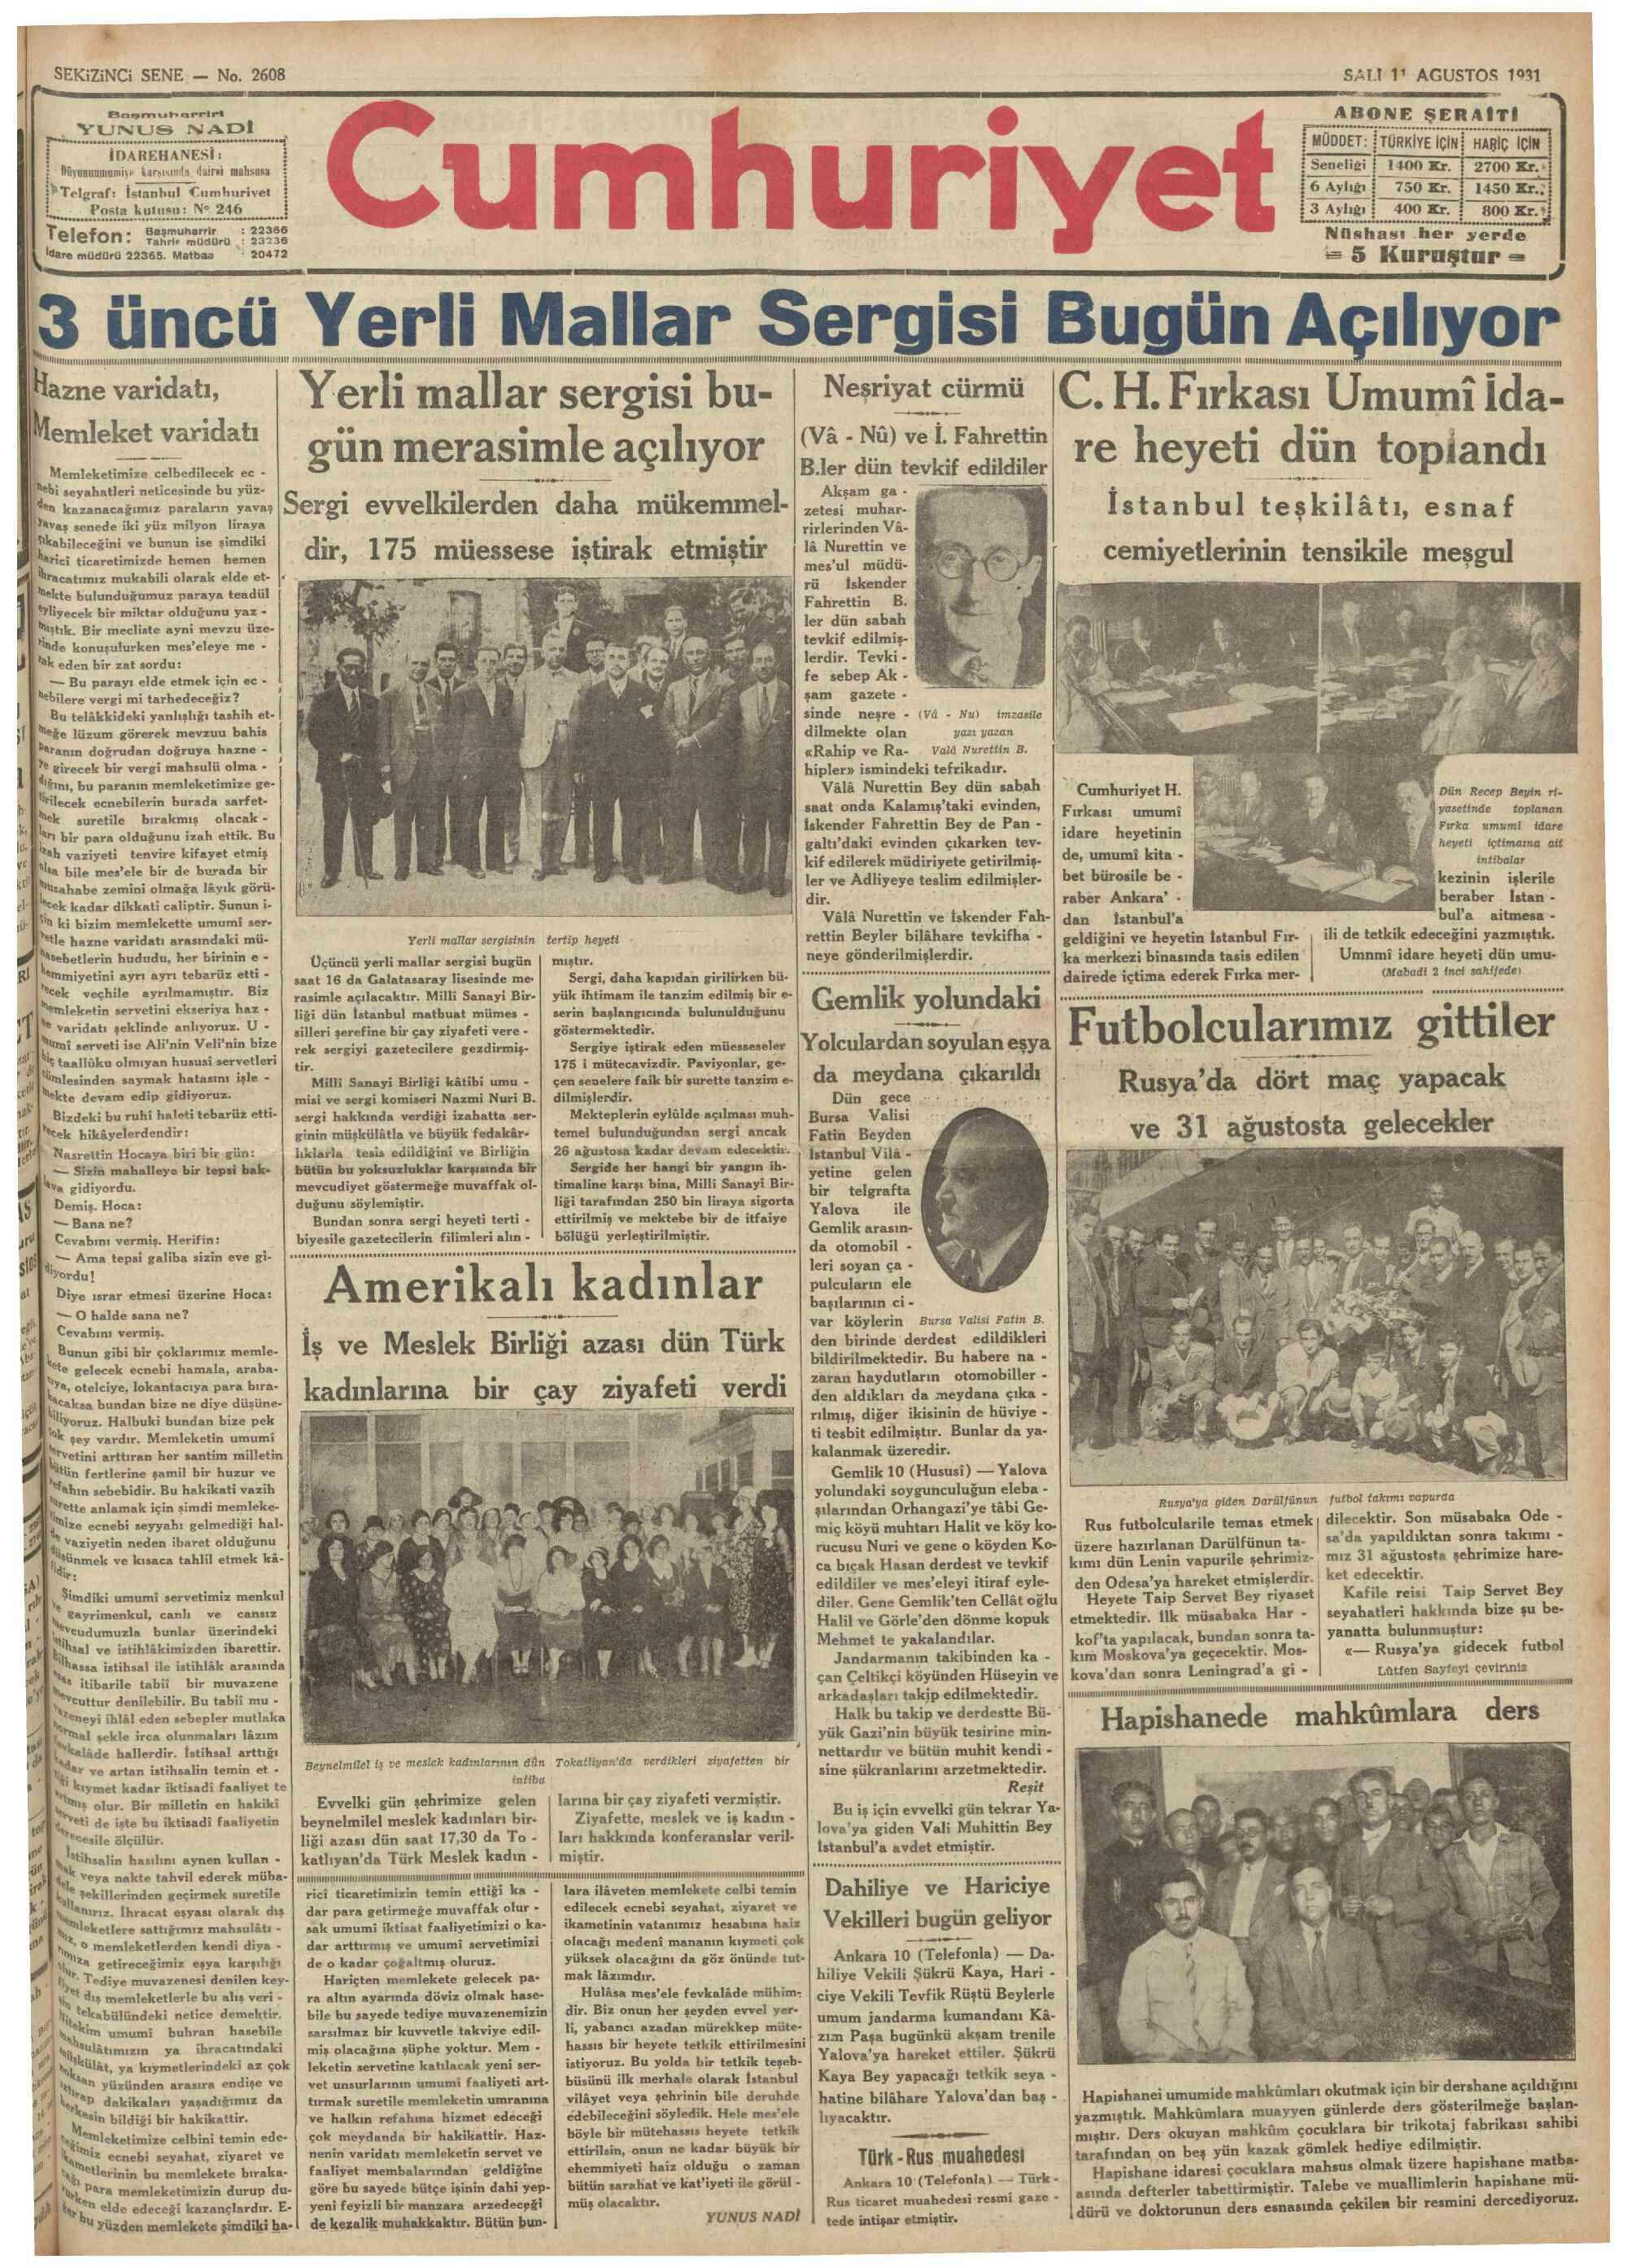 11 Ağustos 1931 Tarihli Cumhuriyet Gazetesi Sayfa 1